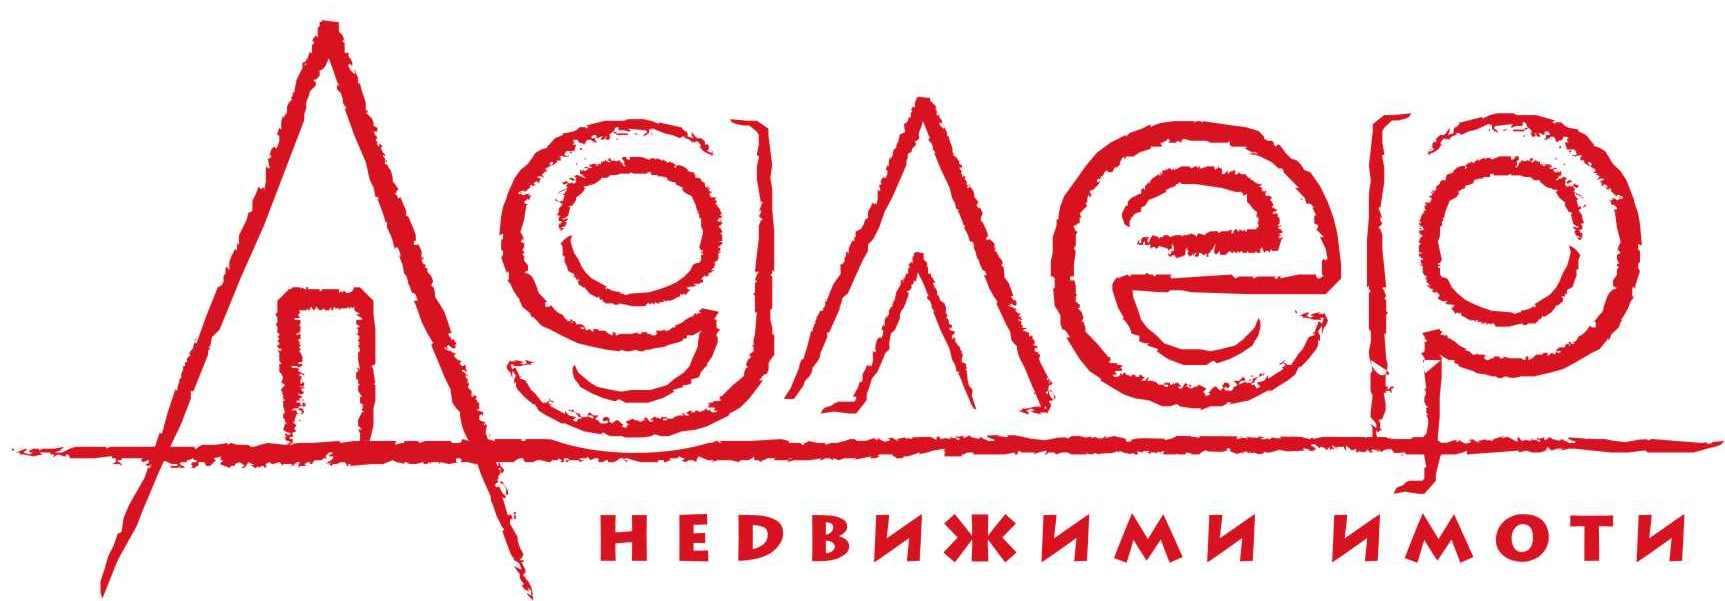 Адлер, ЕООД, Бургас